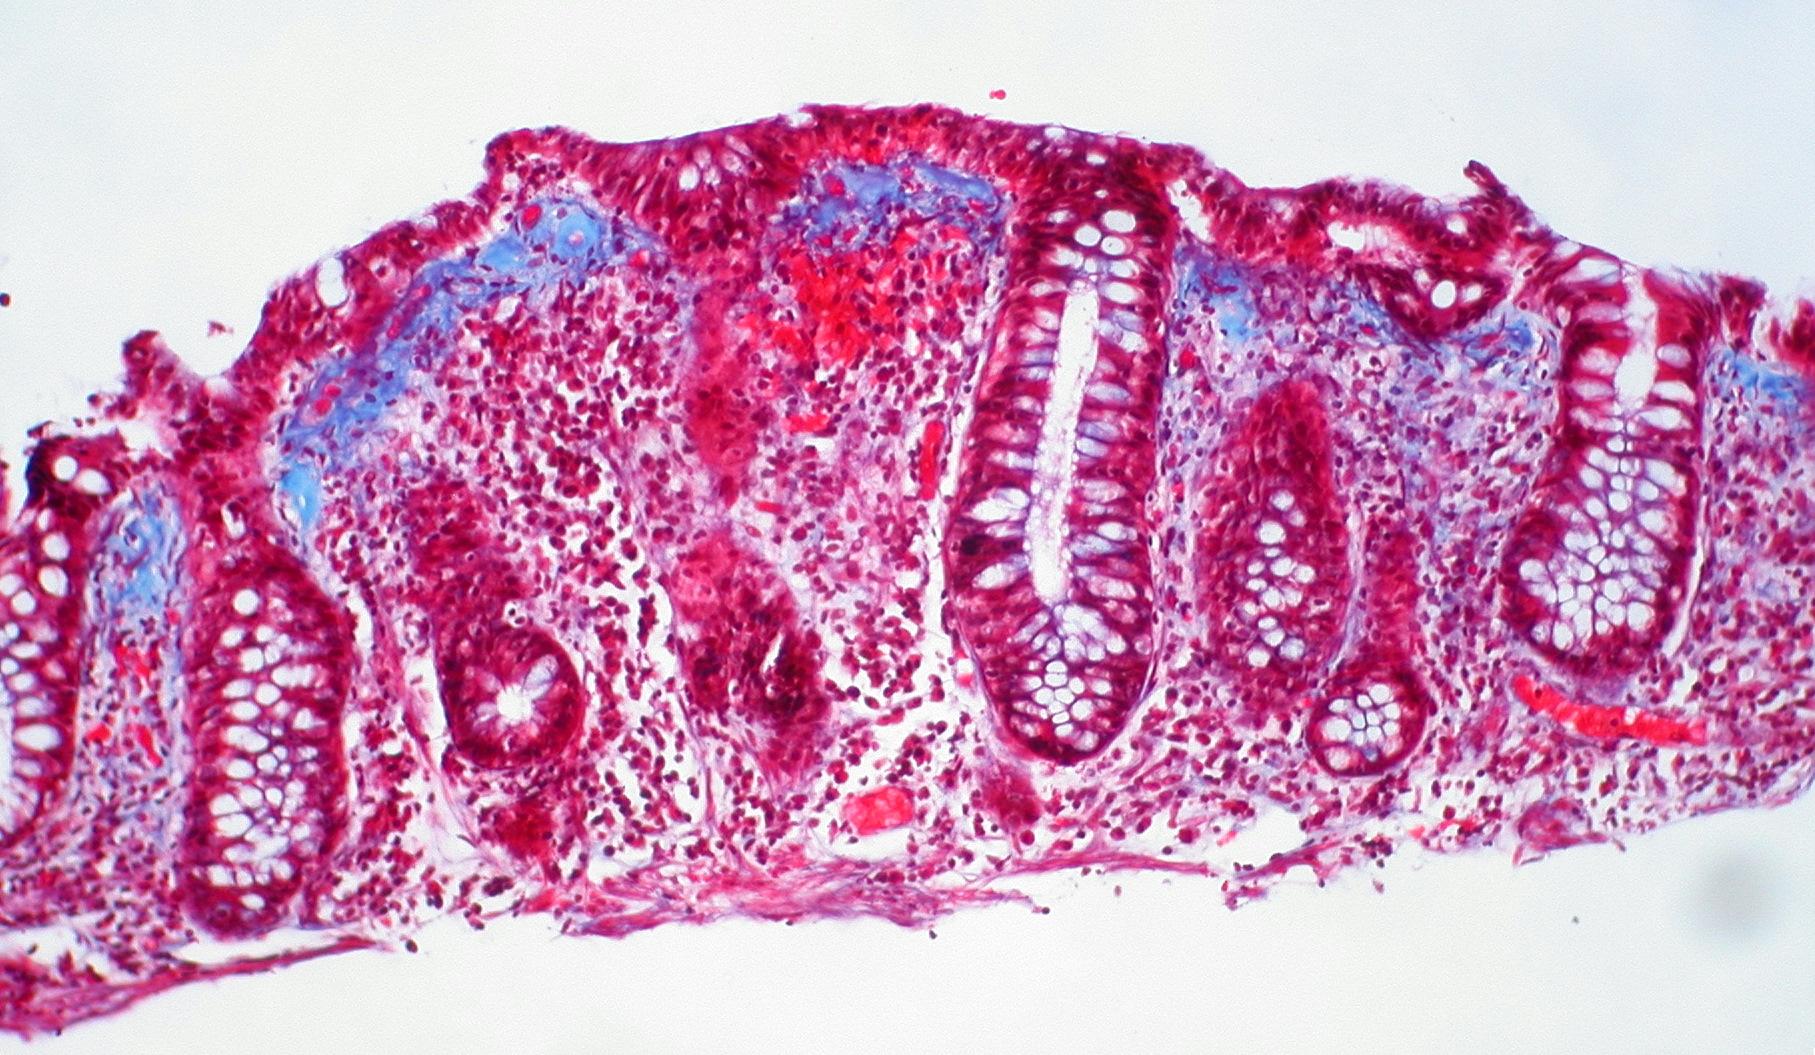 el nombre de las bacterias que causan las enfermedades de la colera